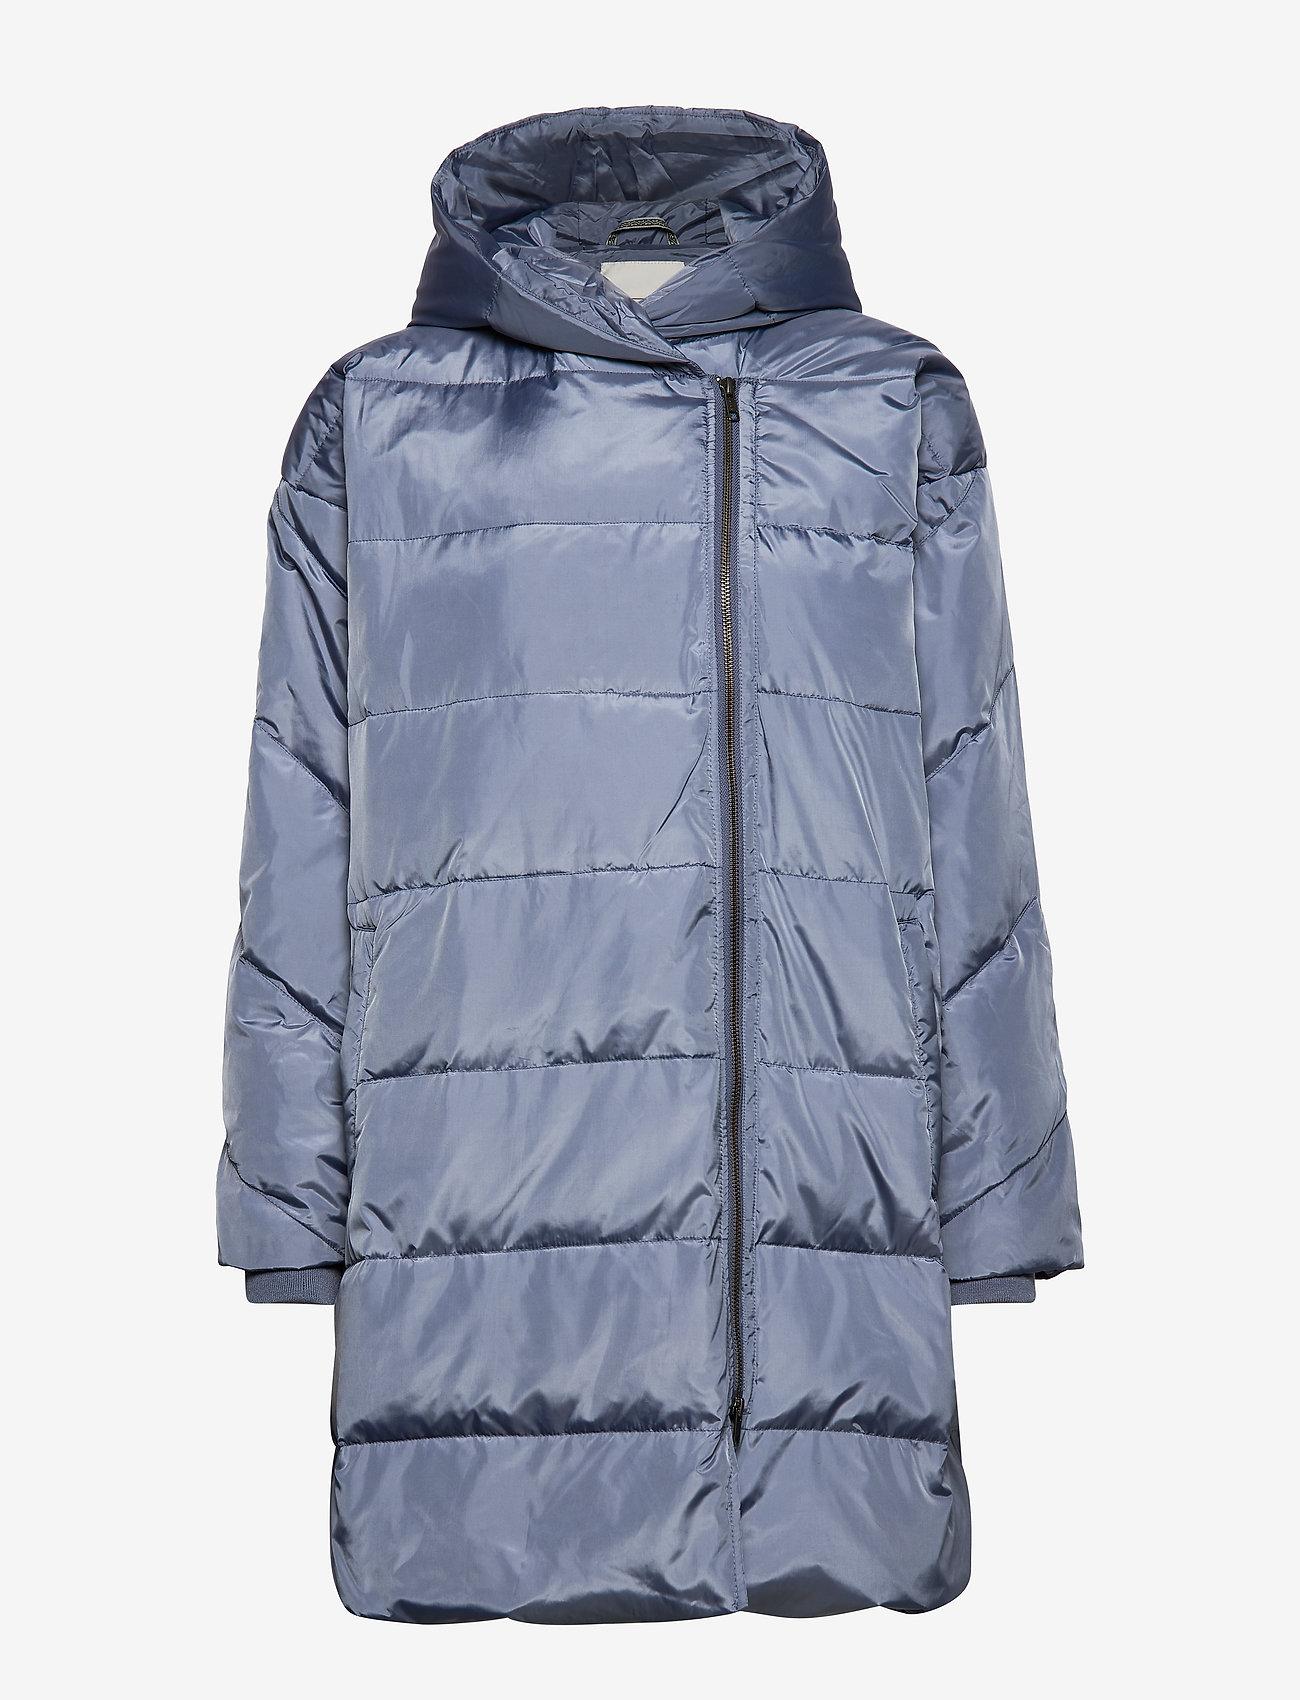 Masai Tuala Coat - Jackets & Coats